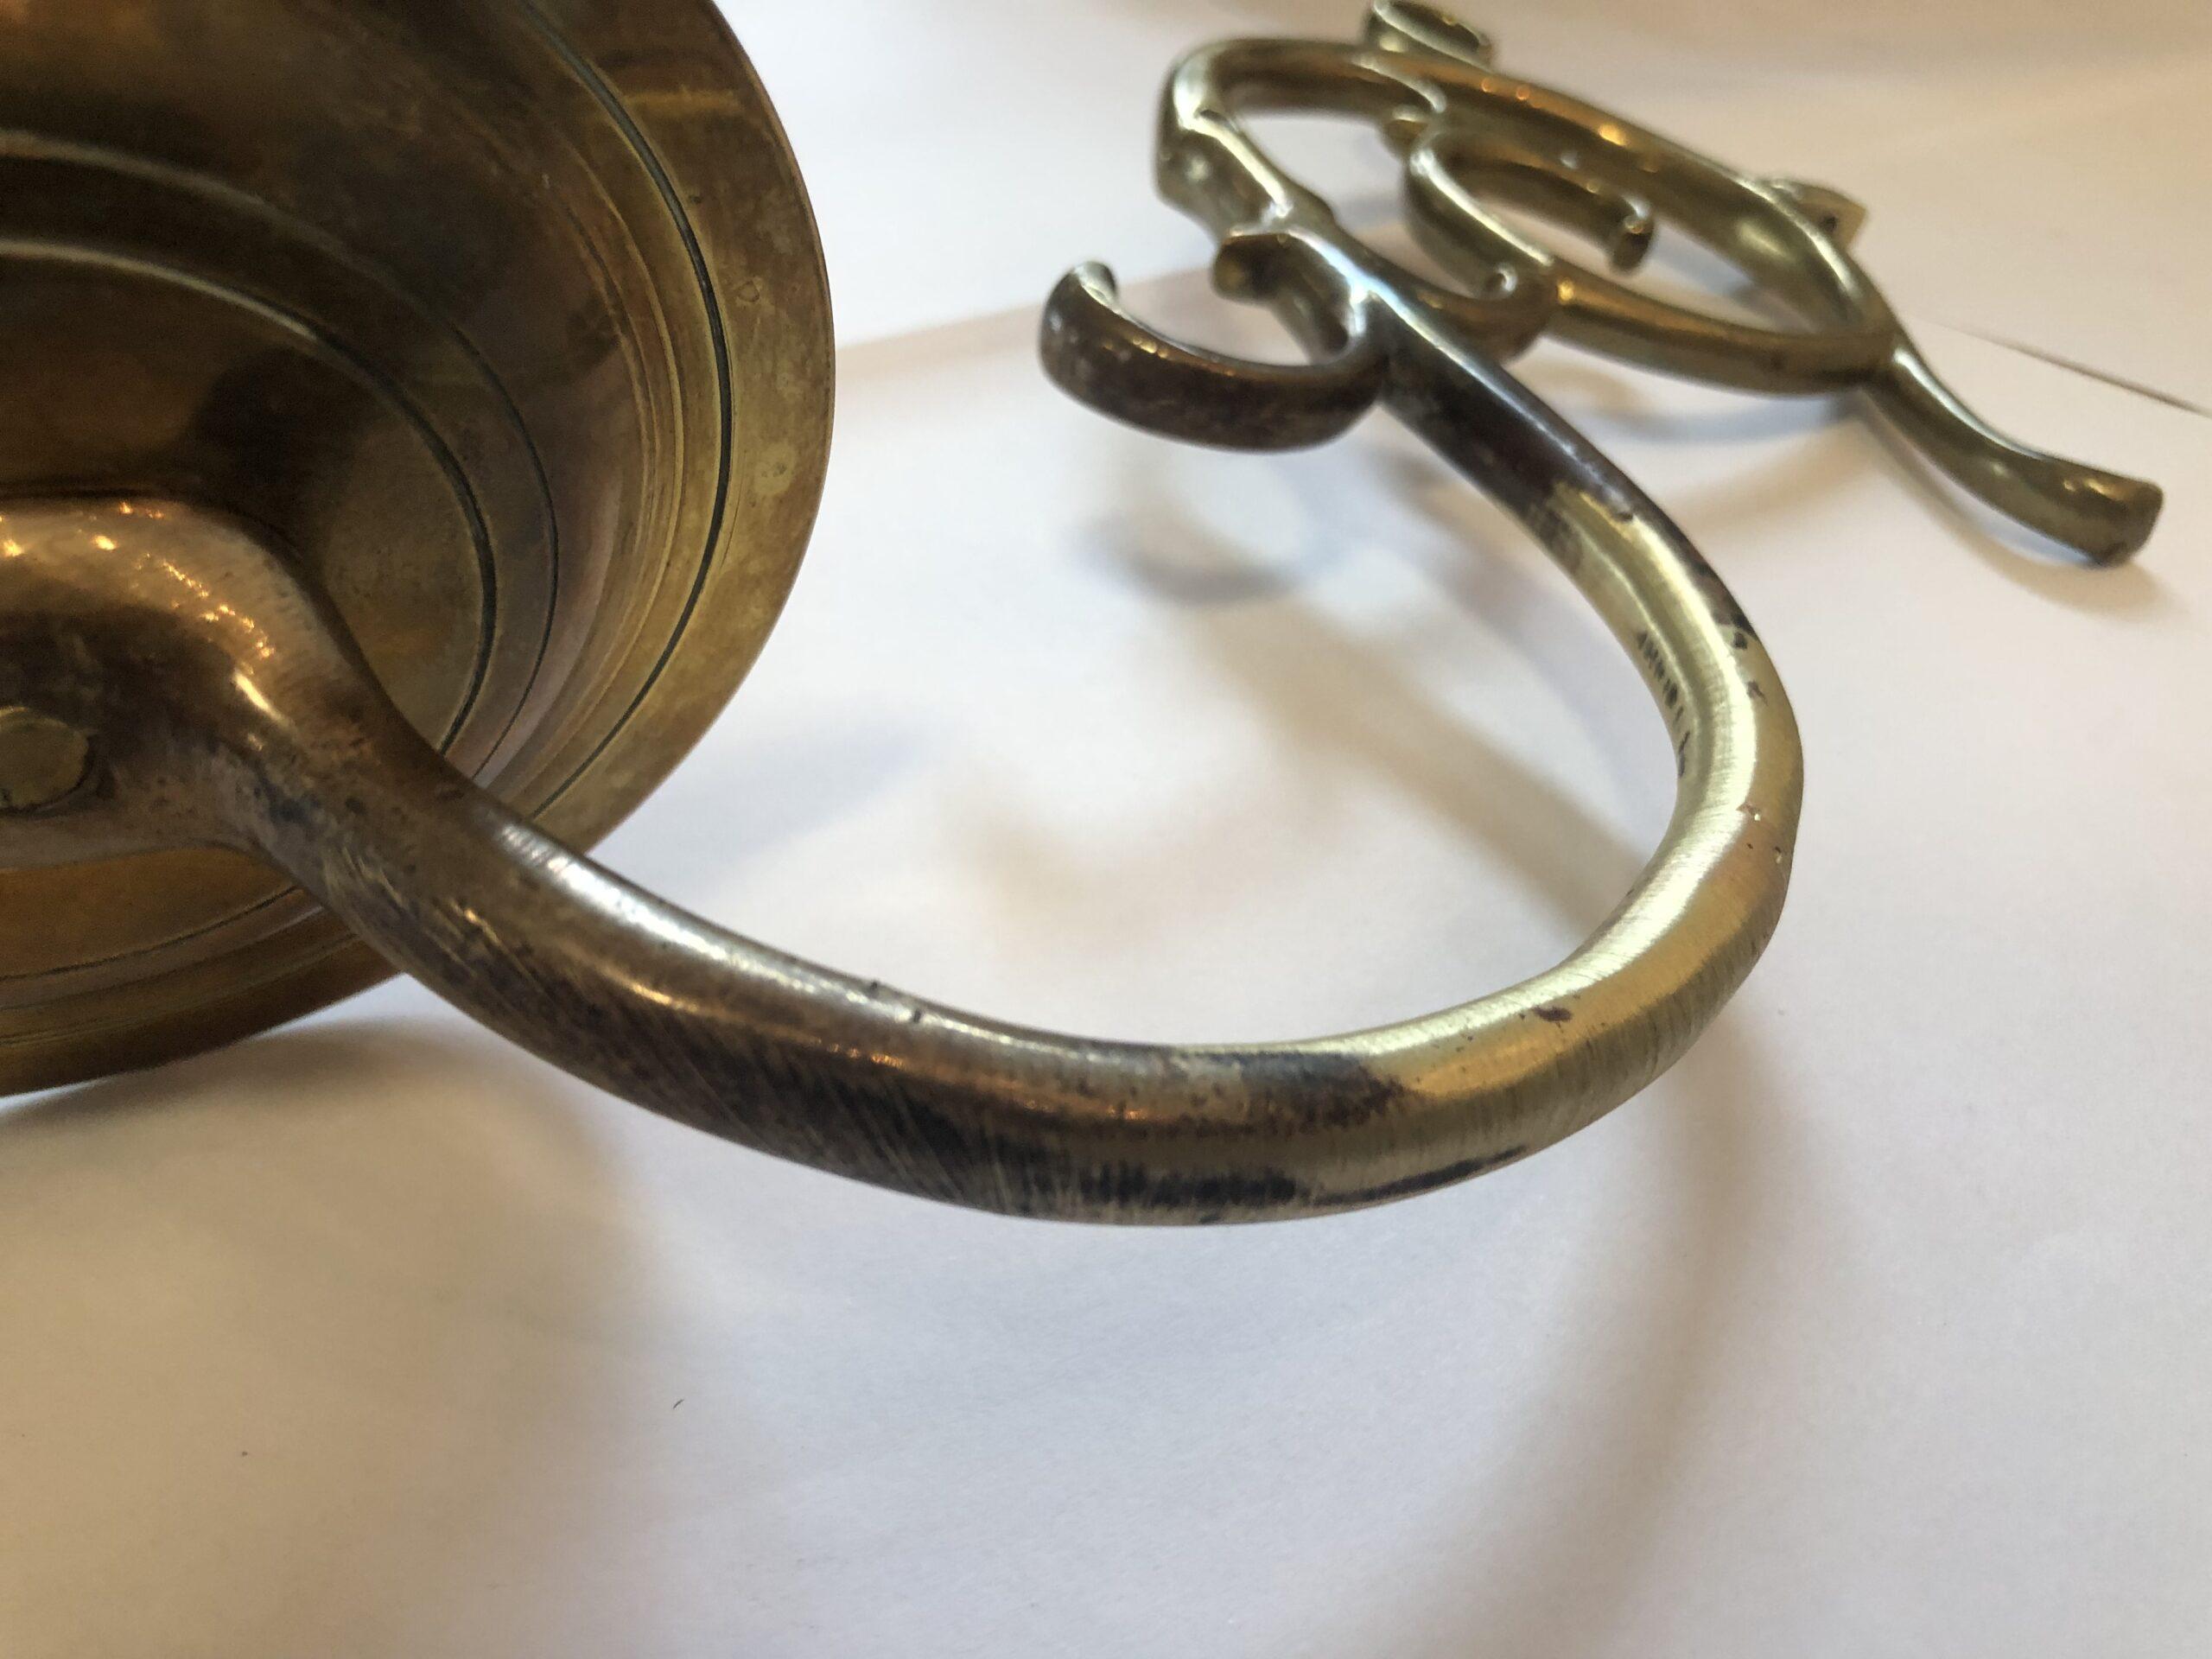 Restauratie kroonluchter Arm na modelleren en slijpen, vóór polijsten